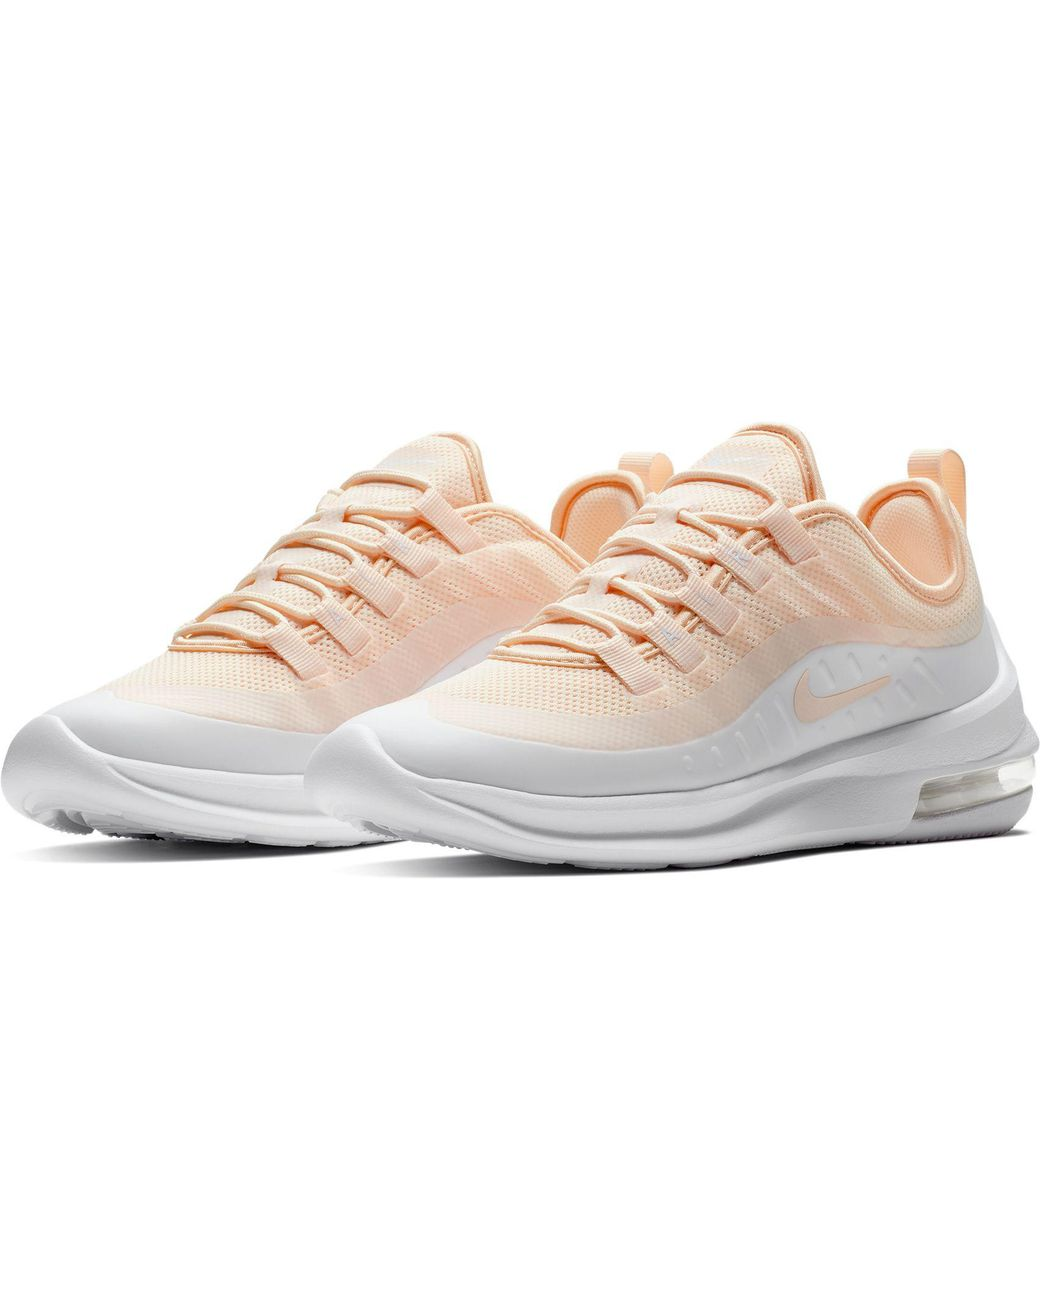 bc1fb1719a4 Lyst - Nike Air Max Axis Shoes